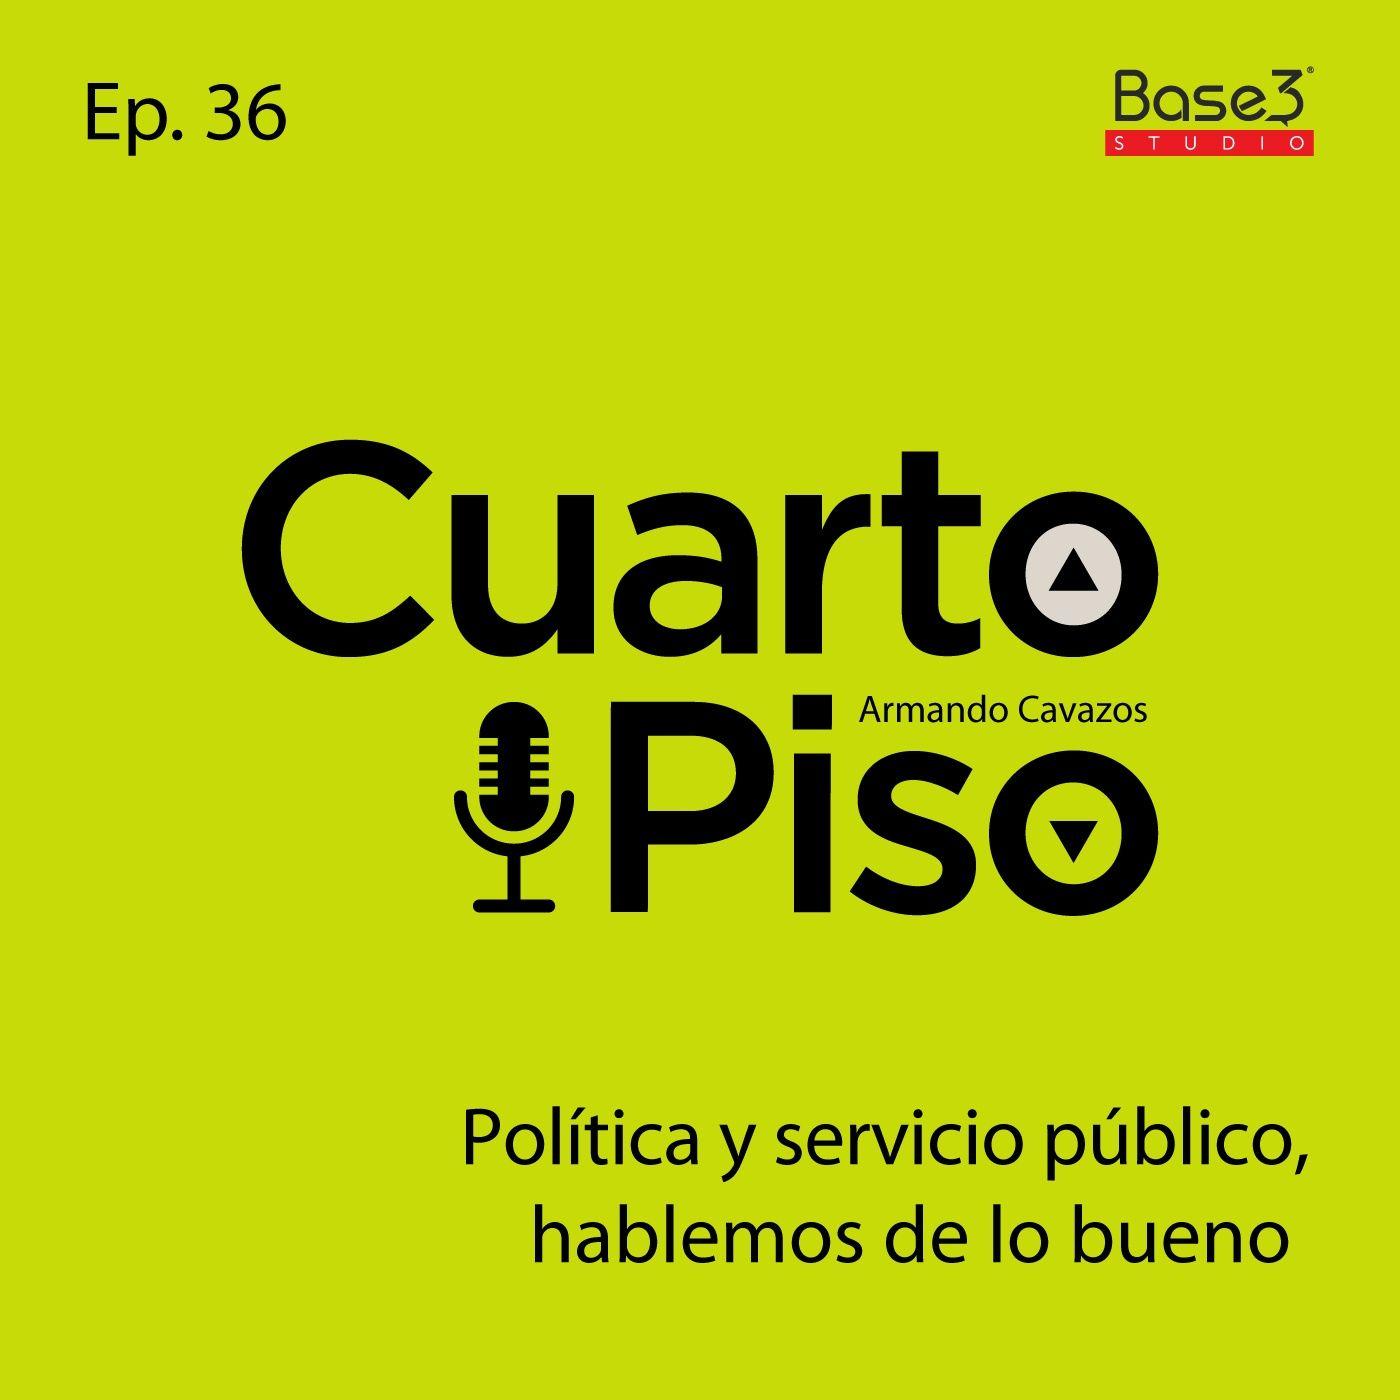 Política y servicio público, hablemos de lo bueno | Ep. 36